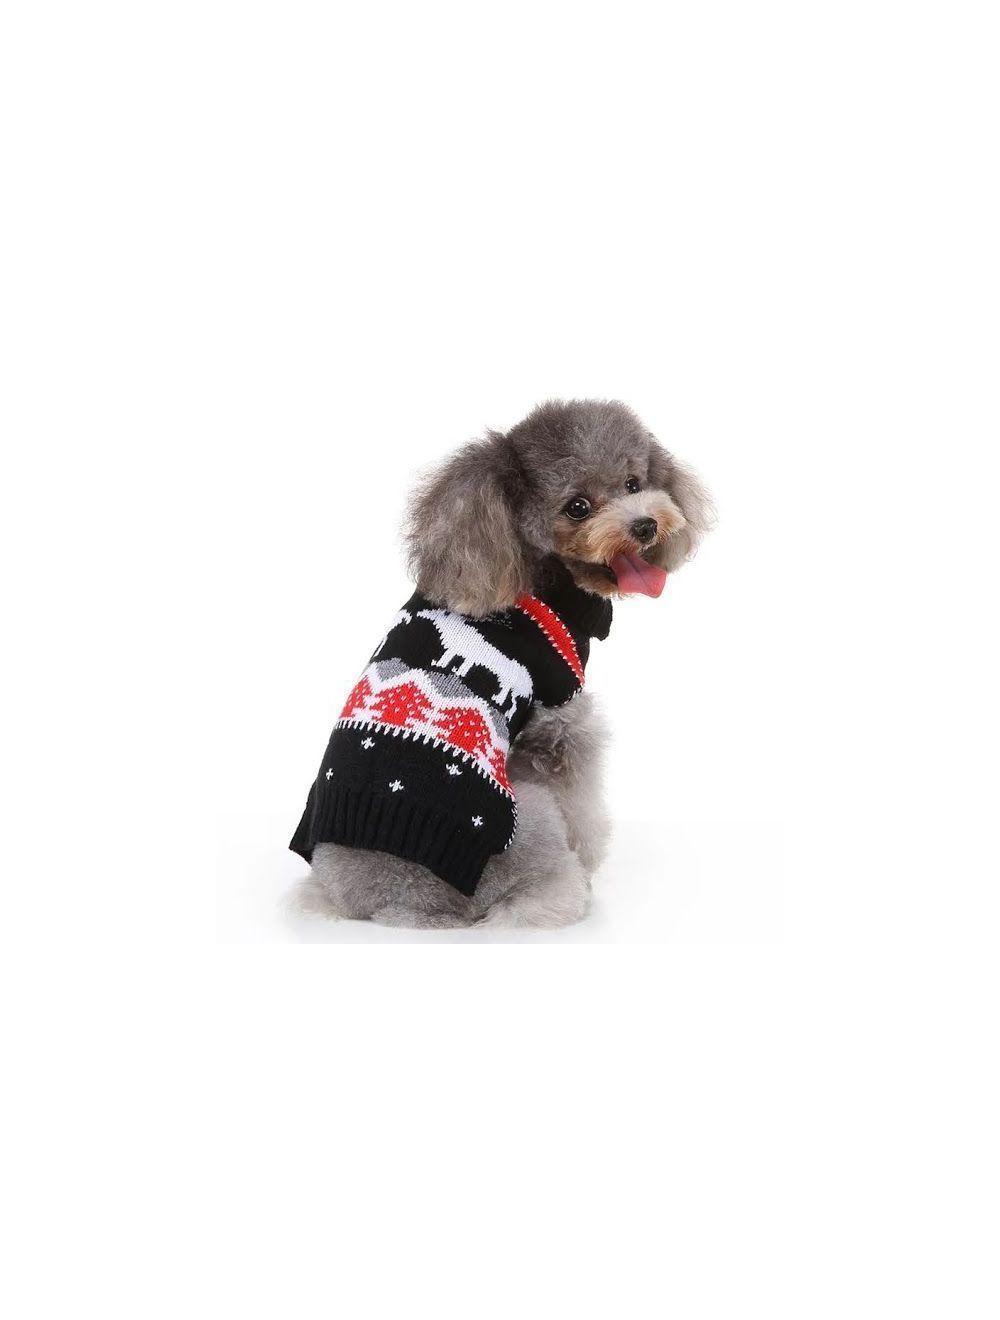 Suéter, Buzo, Saco Navideño para Perros o Gatos, Valentín For Pets Talla L